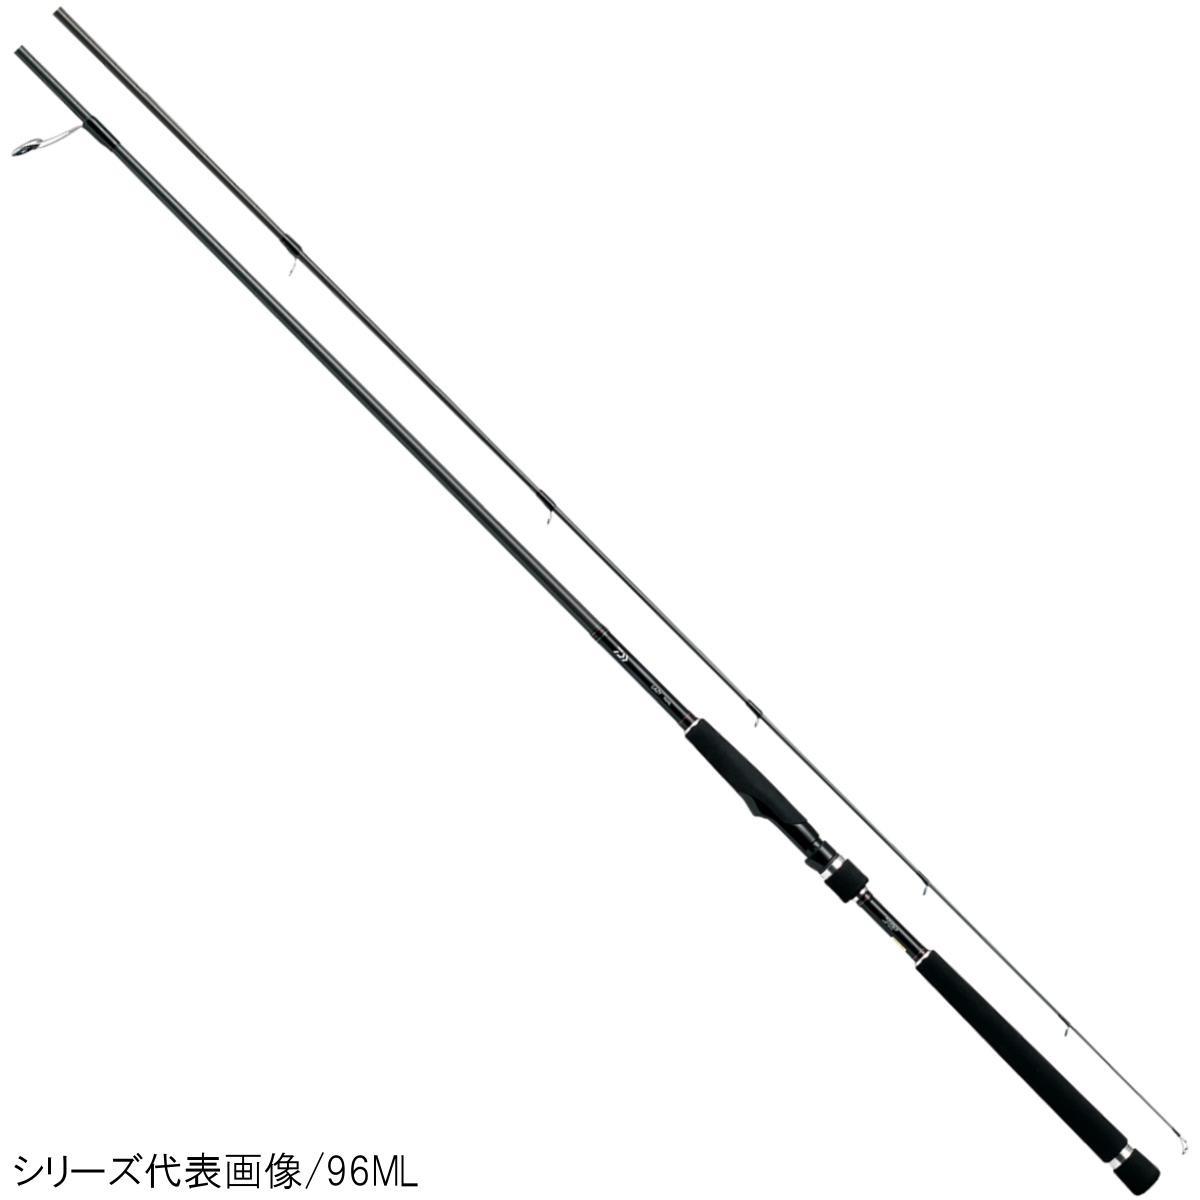 ダイワ レイジー スピニングモデル 96M【大型商品】